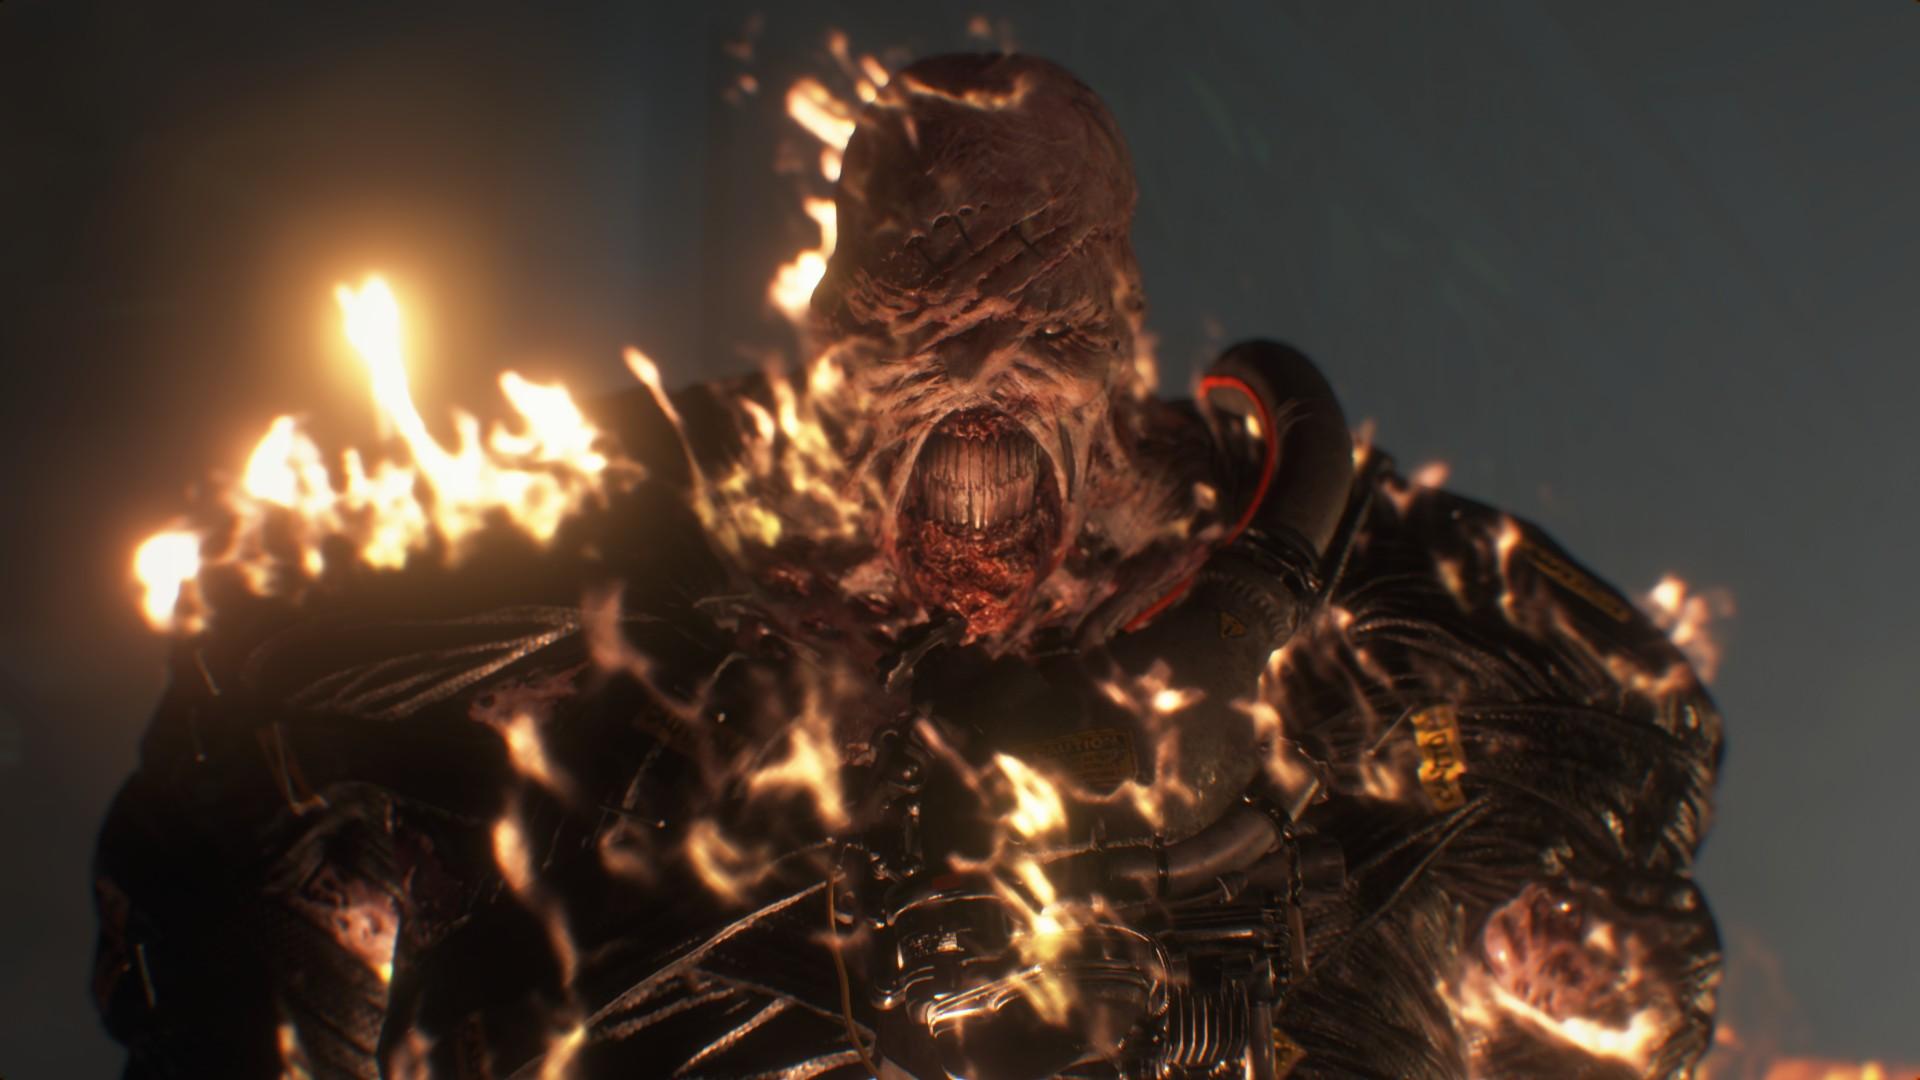 Resident Evil 3 voice actors Nemesis David Cockman